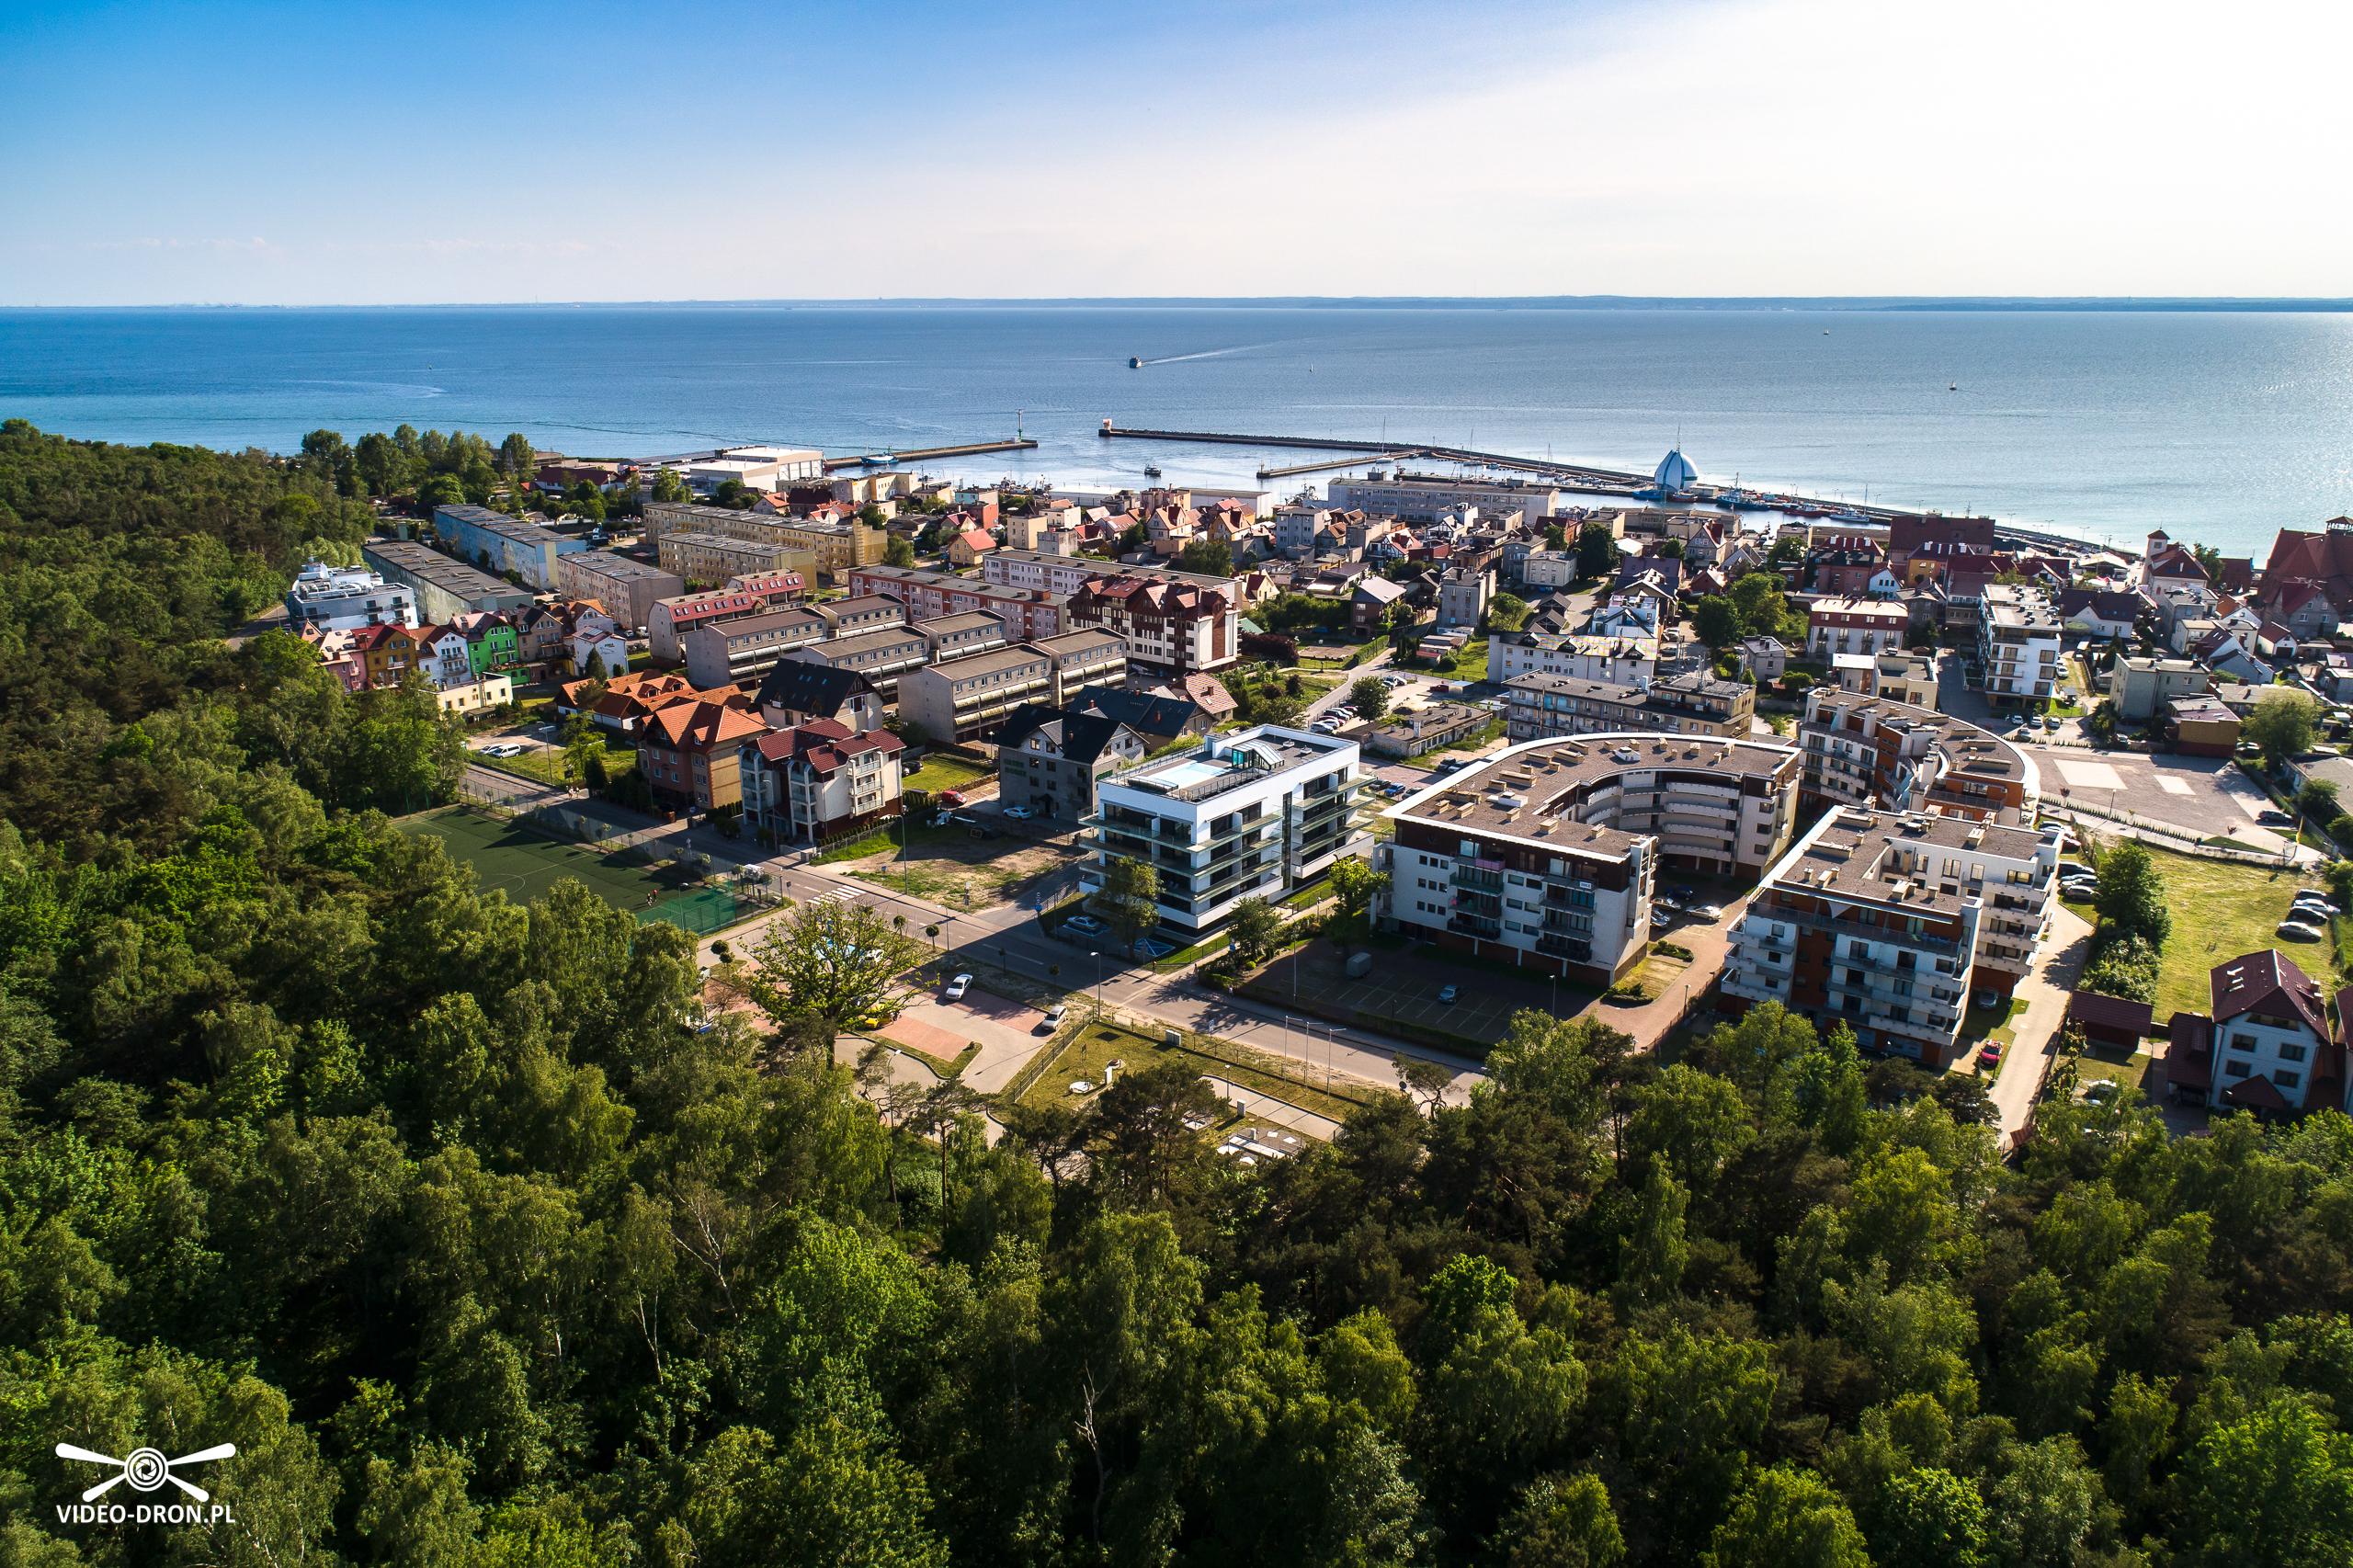 Zdjęcia z drona – zdjęcie z drona Gdańsk- film z drona.jpg